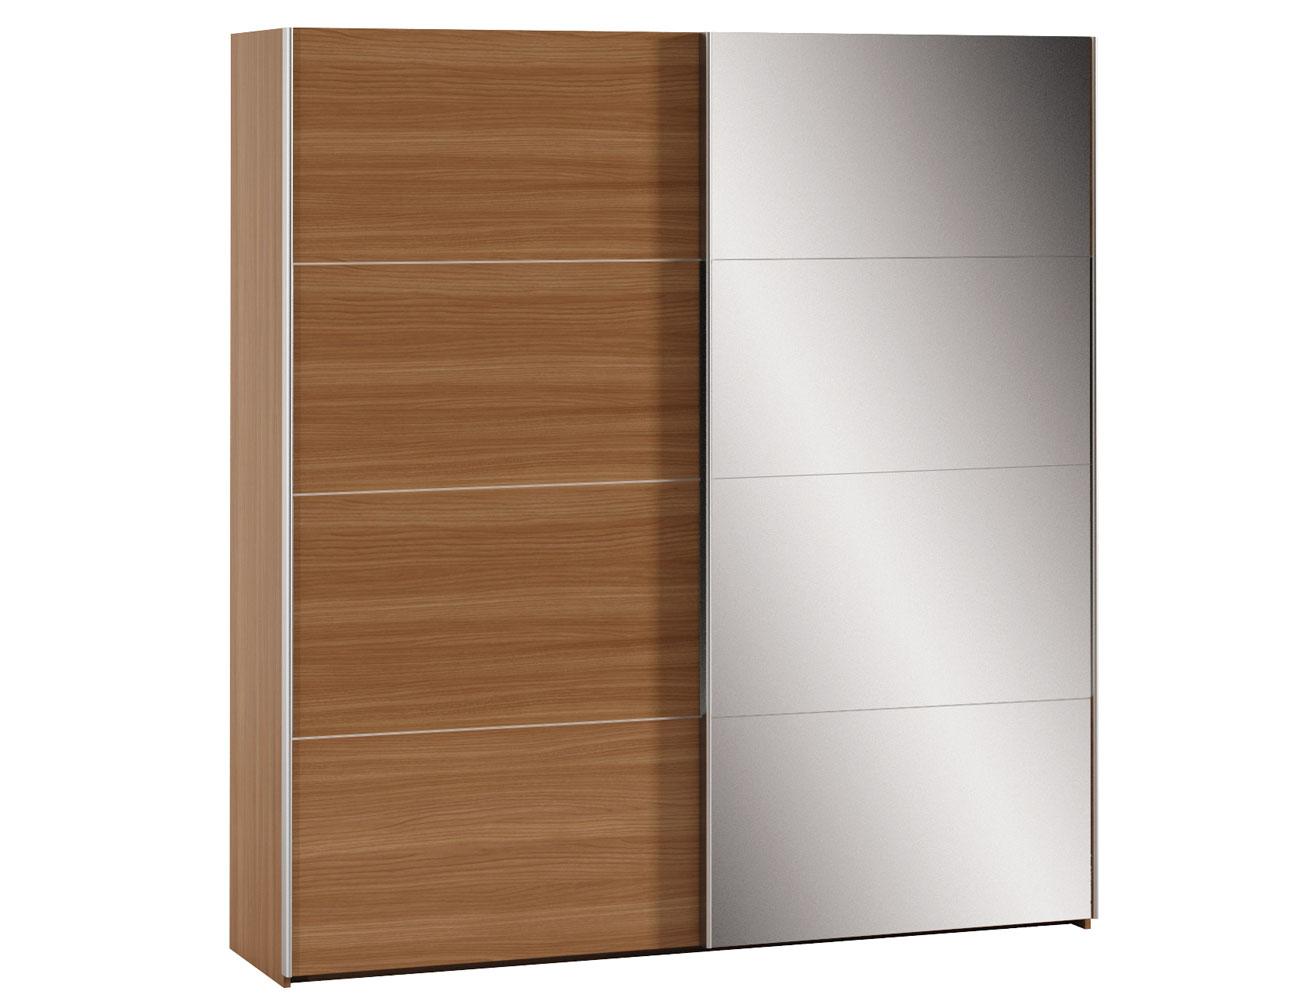 Dk 60 armario 2p correderas nogal espejo2